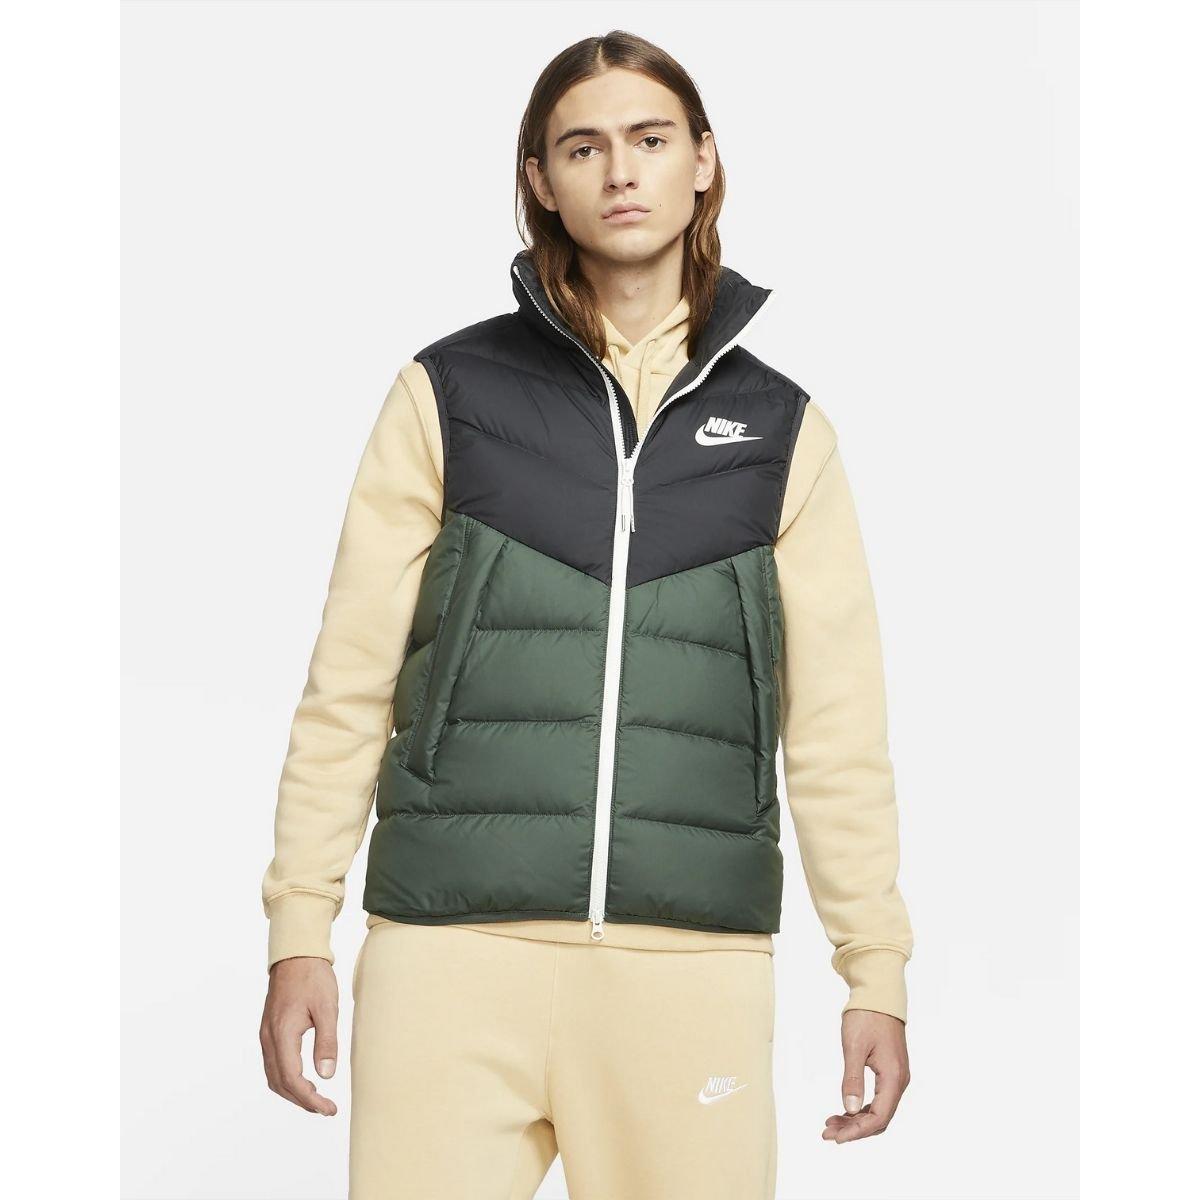 Gilet Nike Sportswear...